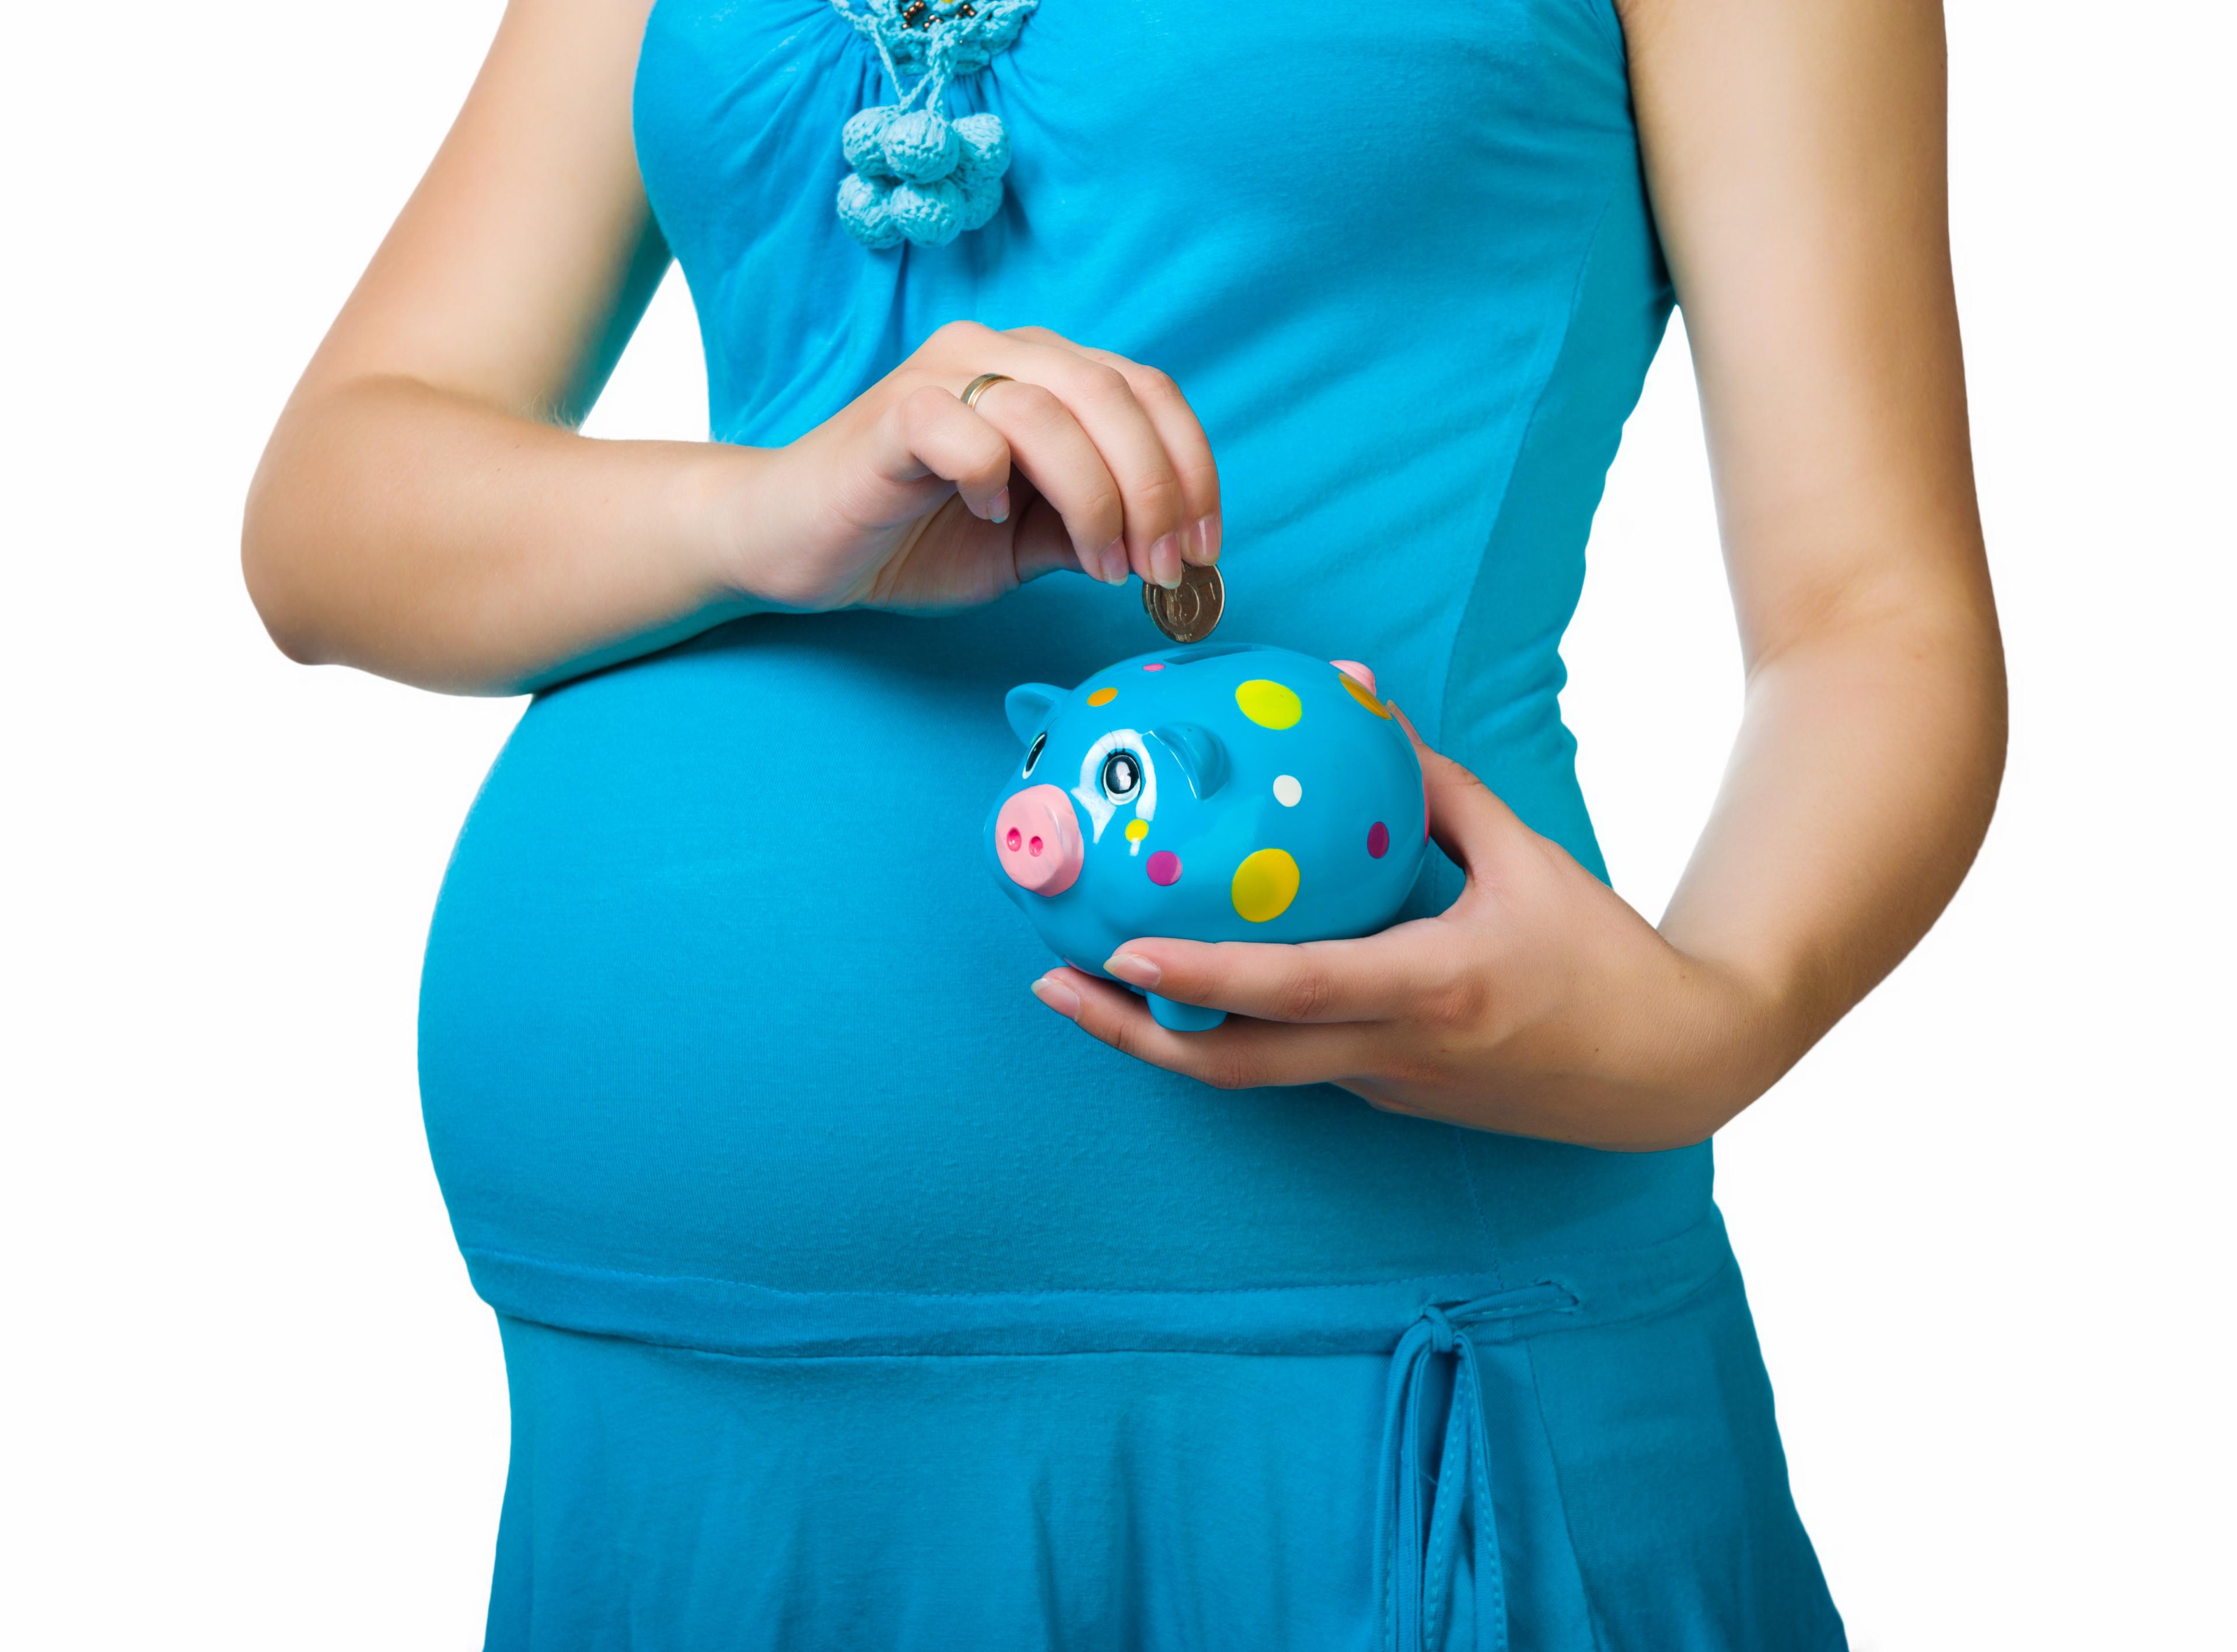 dc0d1cc2f embarazada azul vestir cerdito banco turquesa hombro sonreír azul eléctrico  cuello niño articulación estómago felicidad